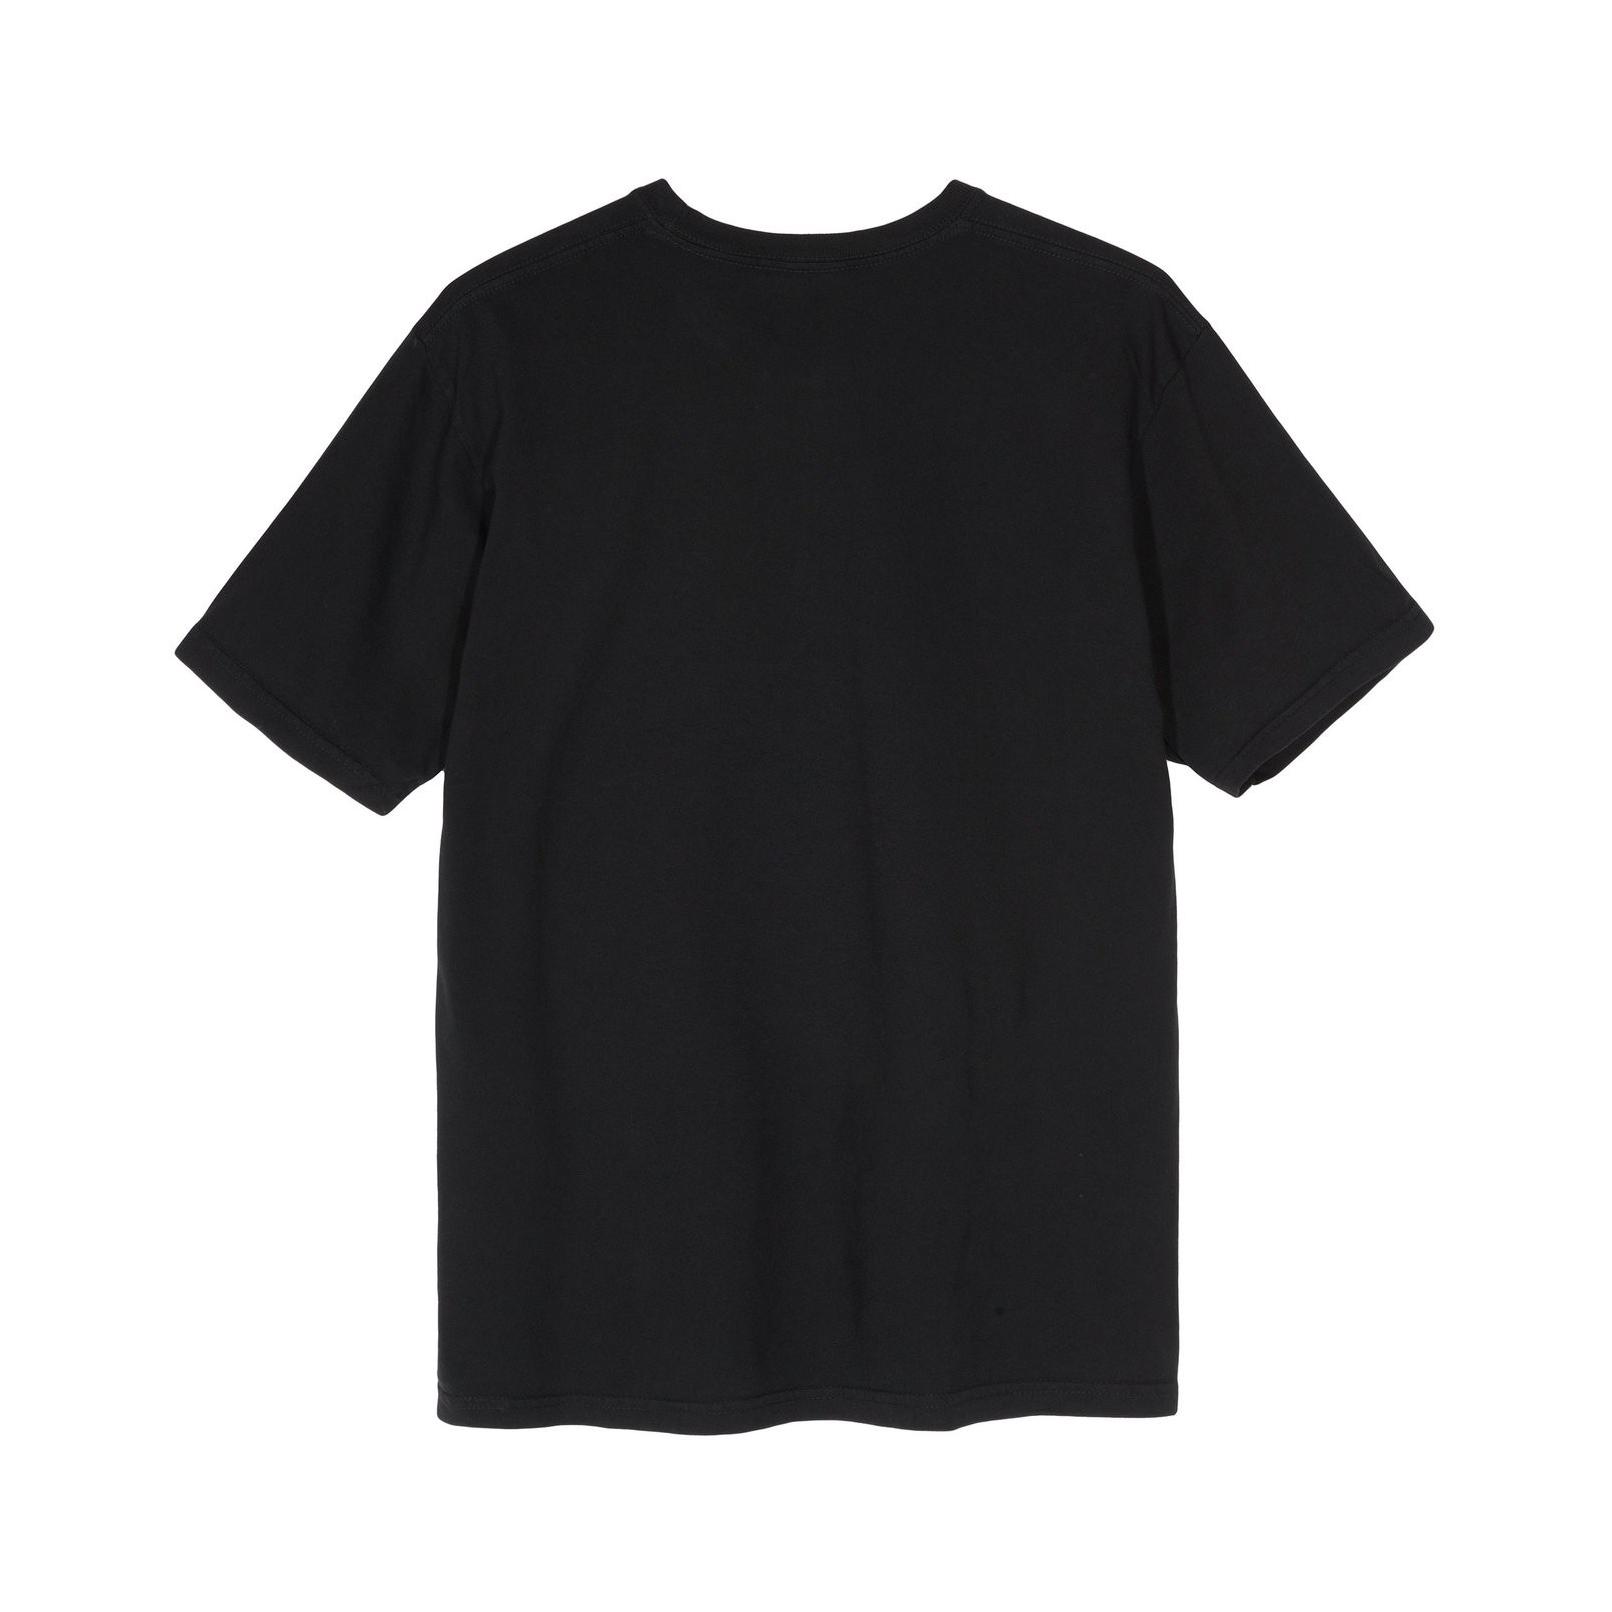 BAPE 20SS 百搭迷彩猿人头字母印花短袖T恤 110024